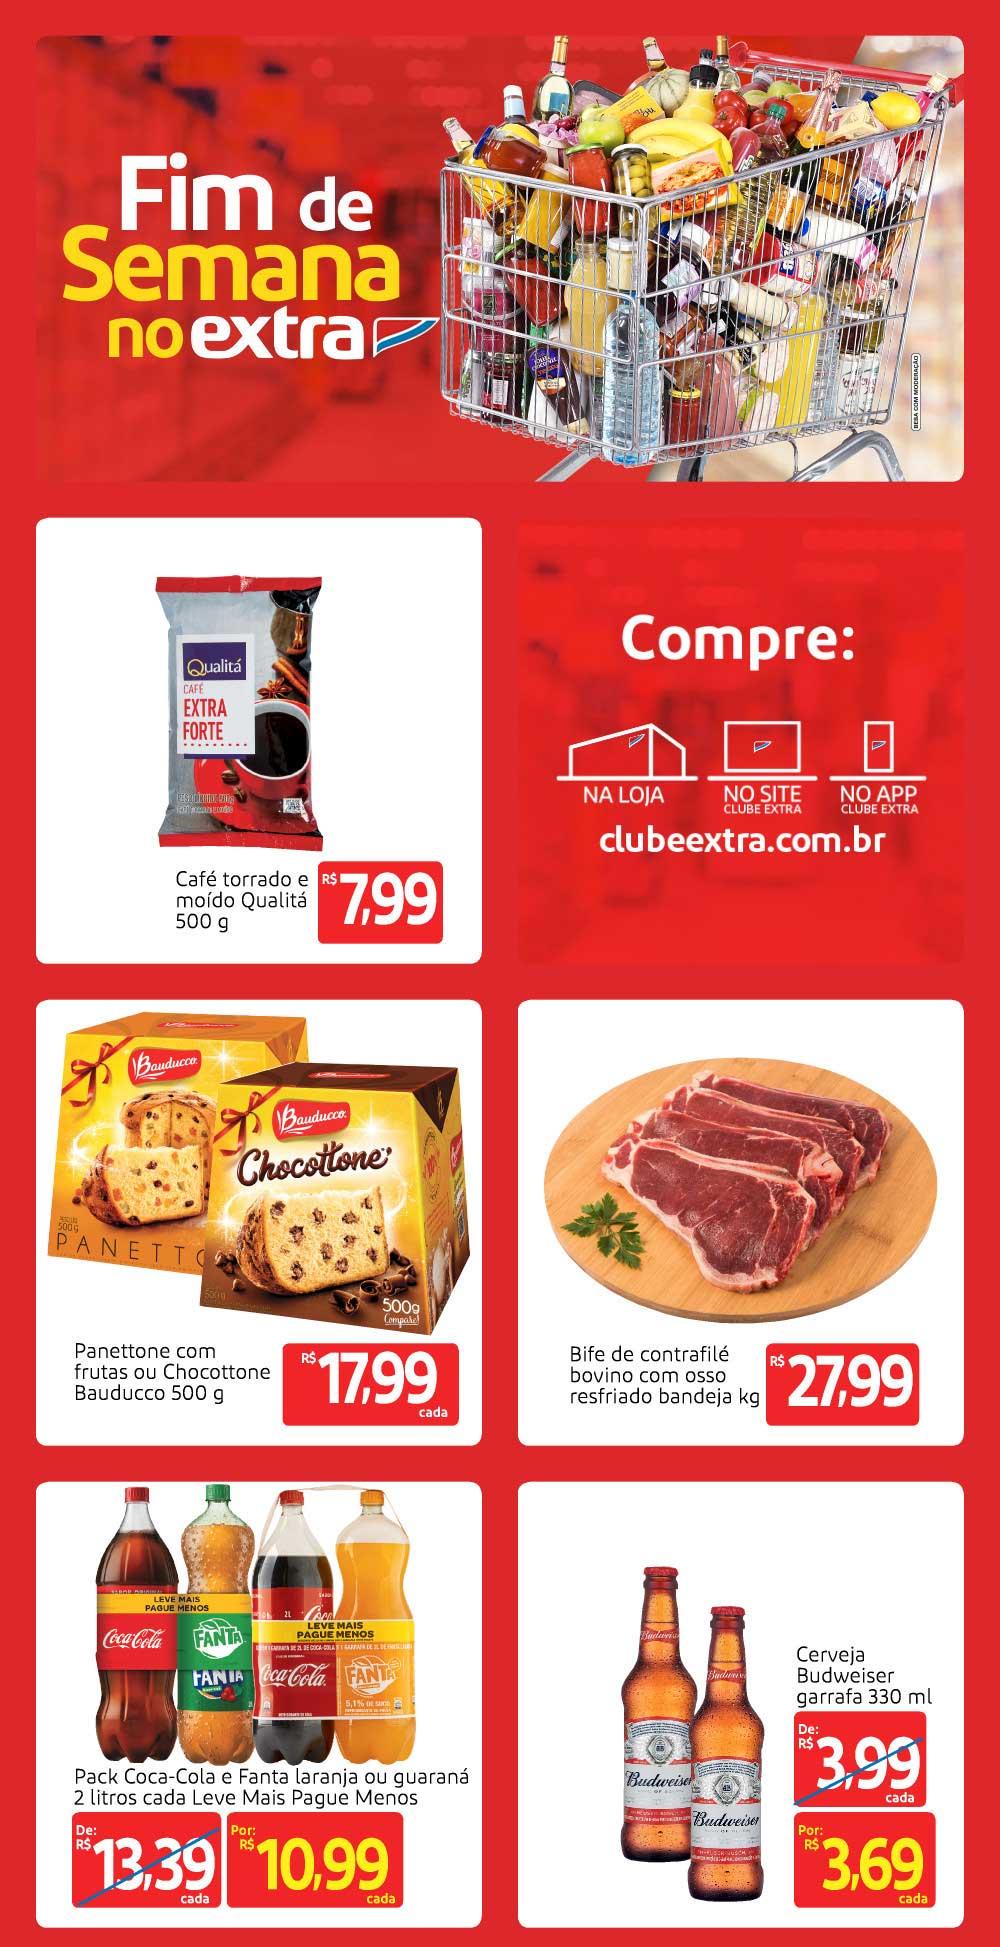 extra-ofertas-descontos-hoje1-1 Folheto Final de Semana Extra Hiper ofertas hoje até 22/11